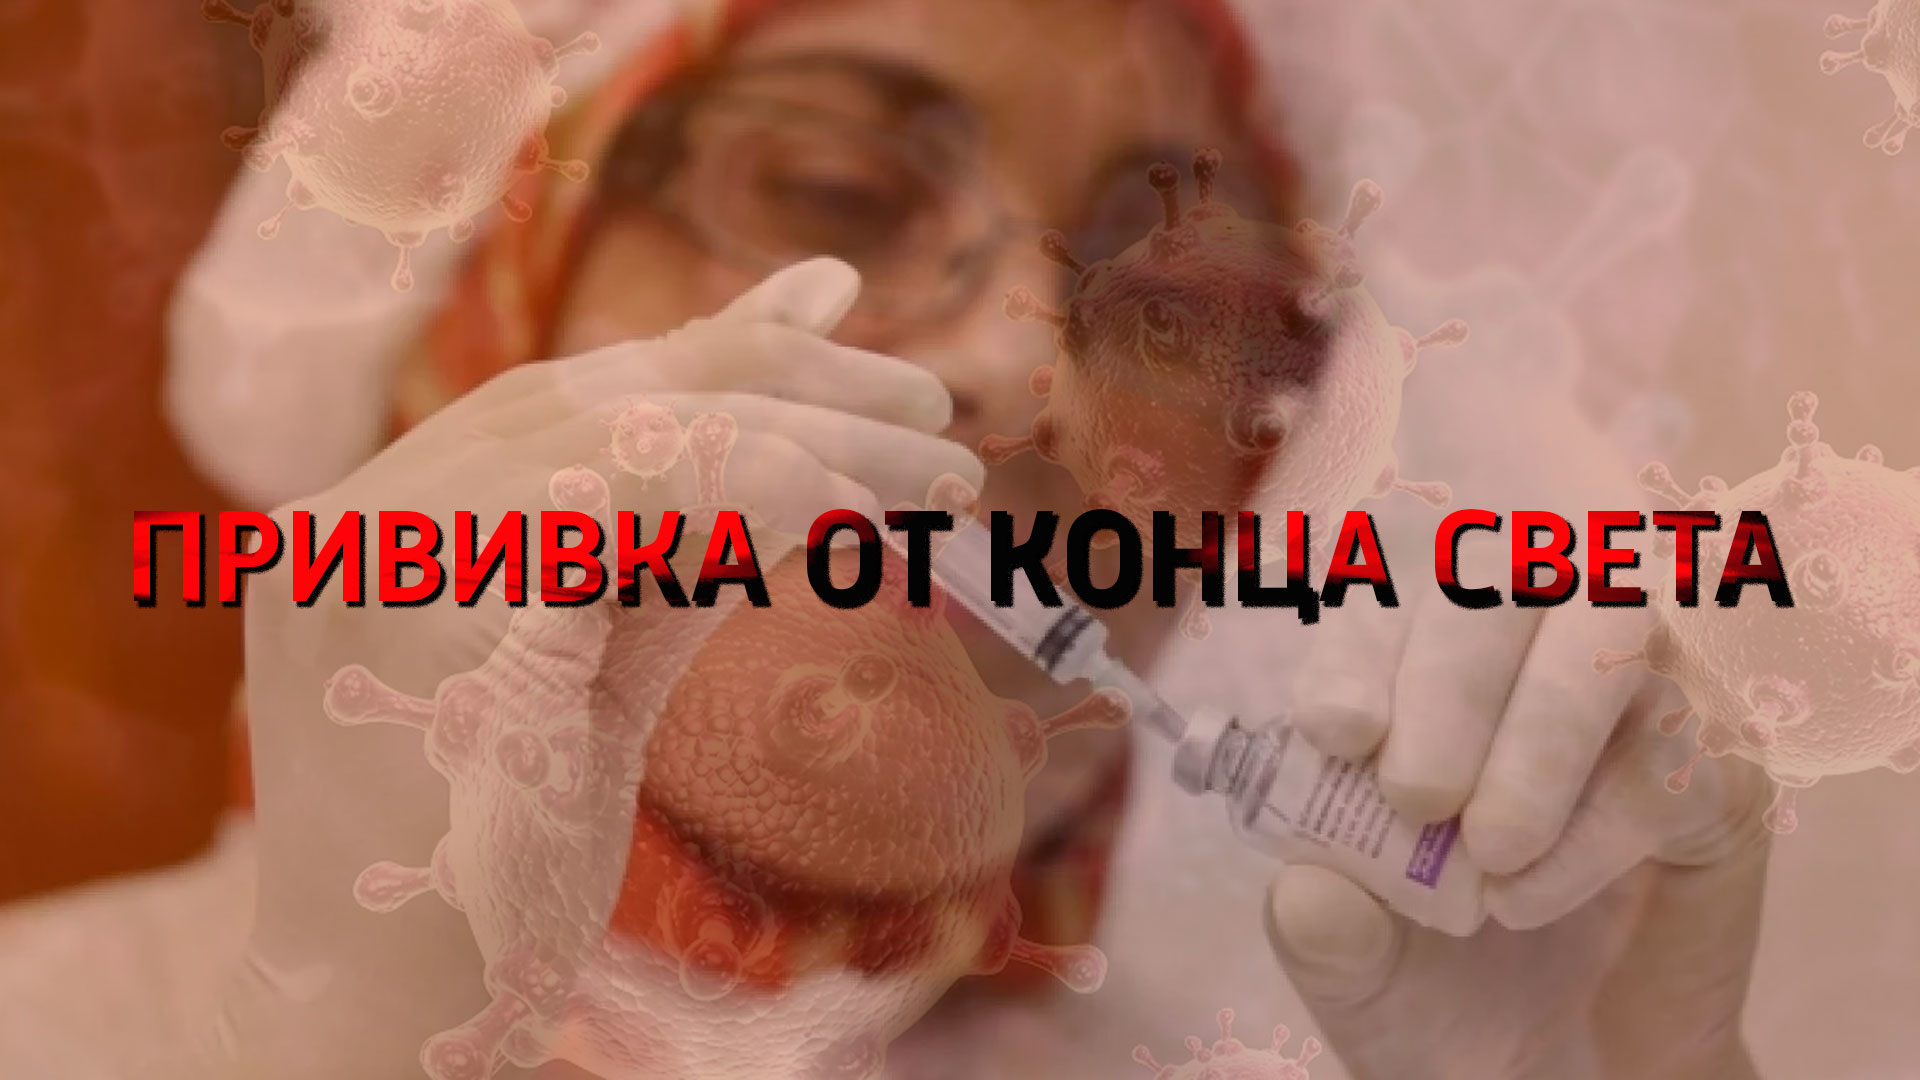 Прививка от конца света